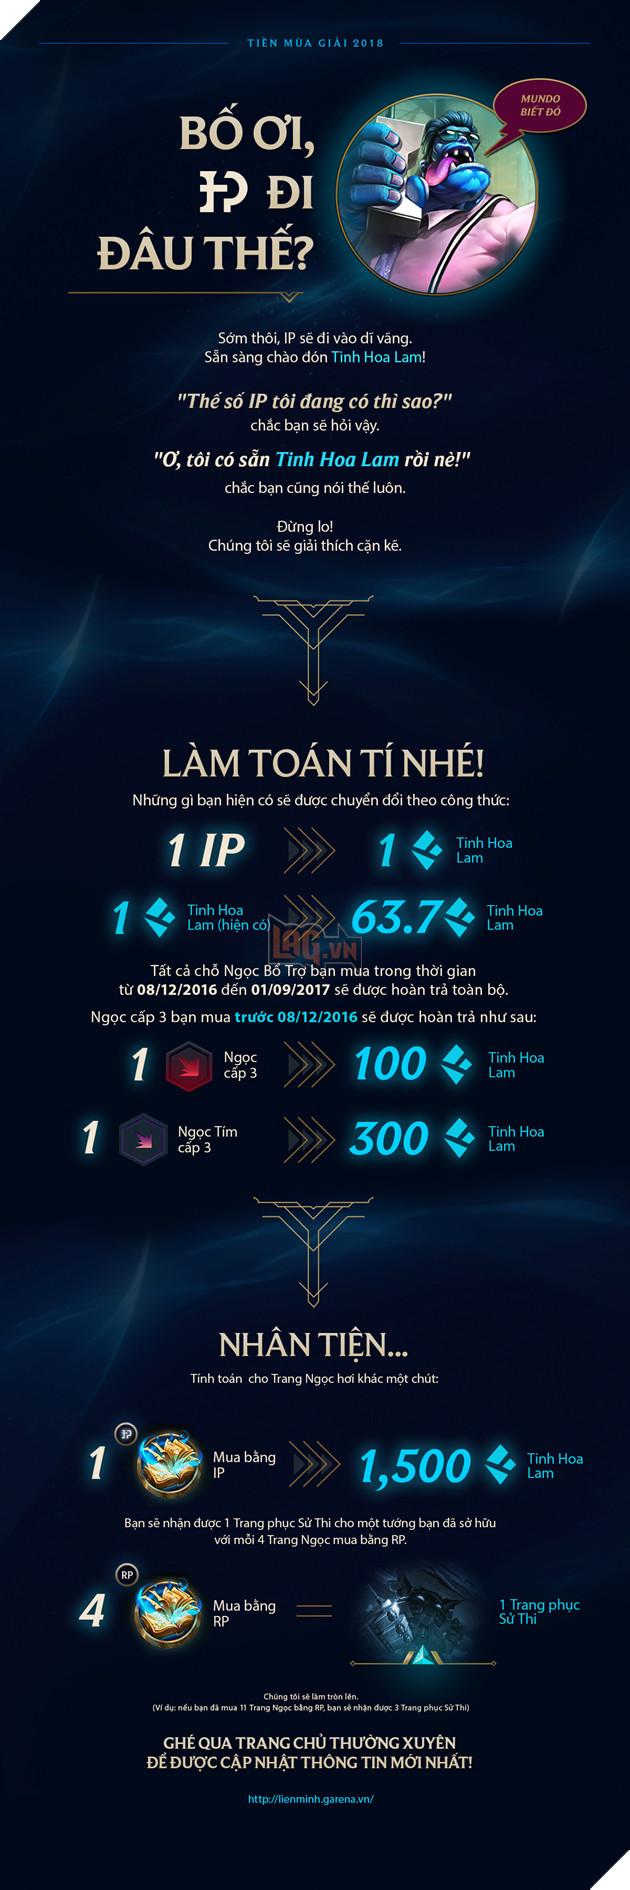 Riot chính thức công bố tỷ lệ quy đổi ngọc, bảng bổ trợ và IP sang Tinh Hoa Lam